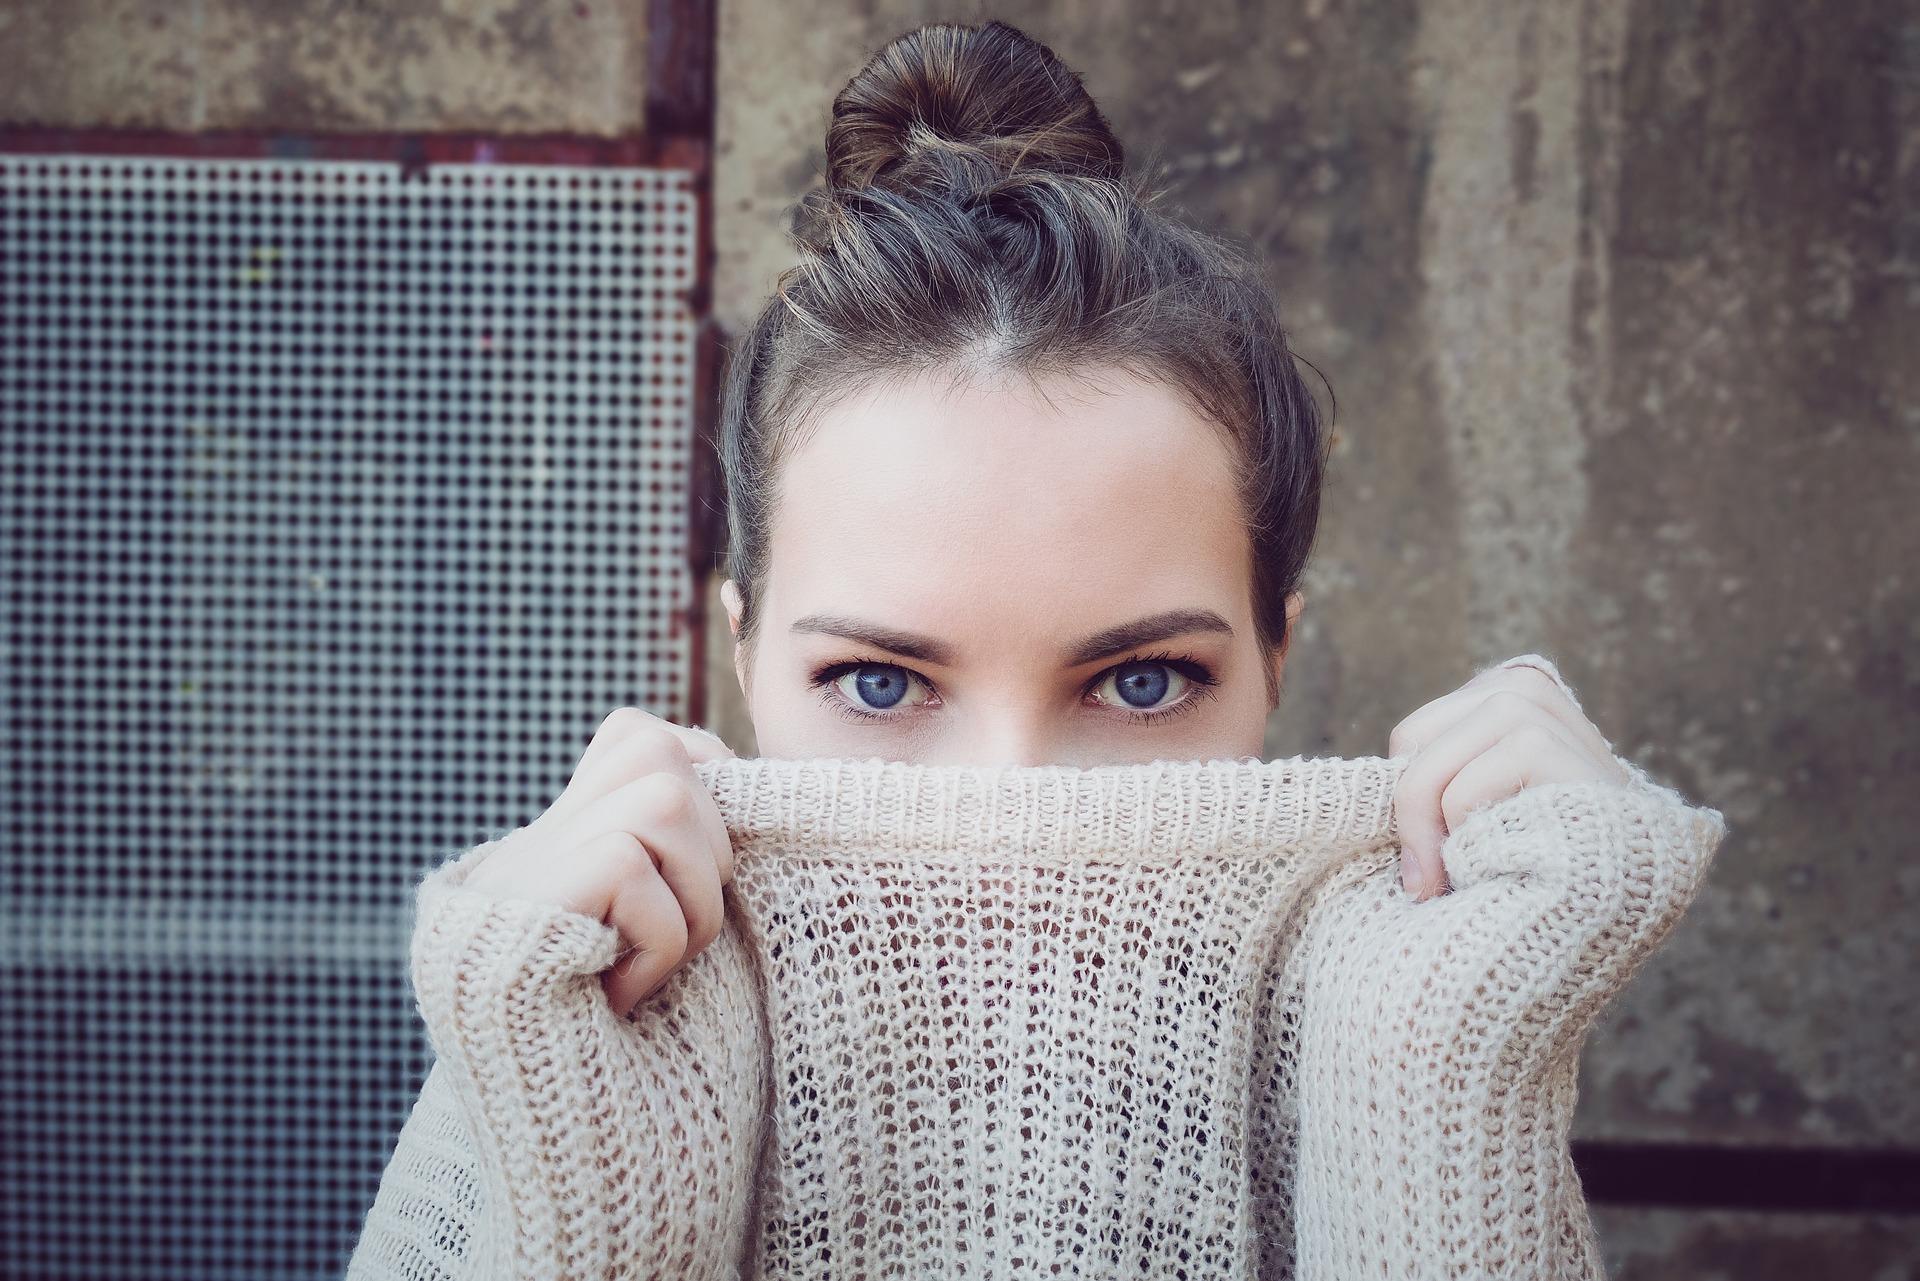 Fan de mode : comment économiser sur vos achat de vêtements ?